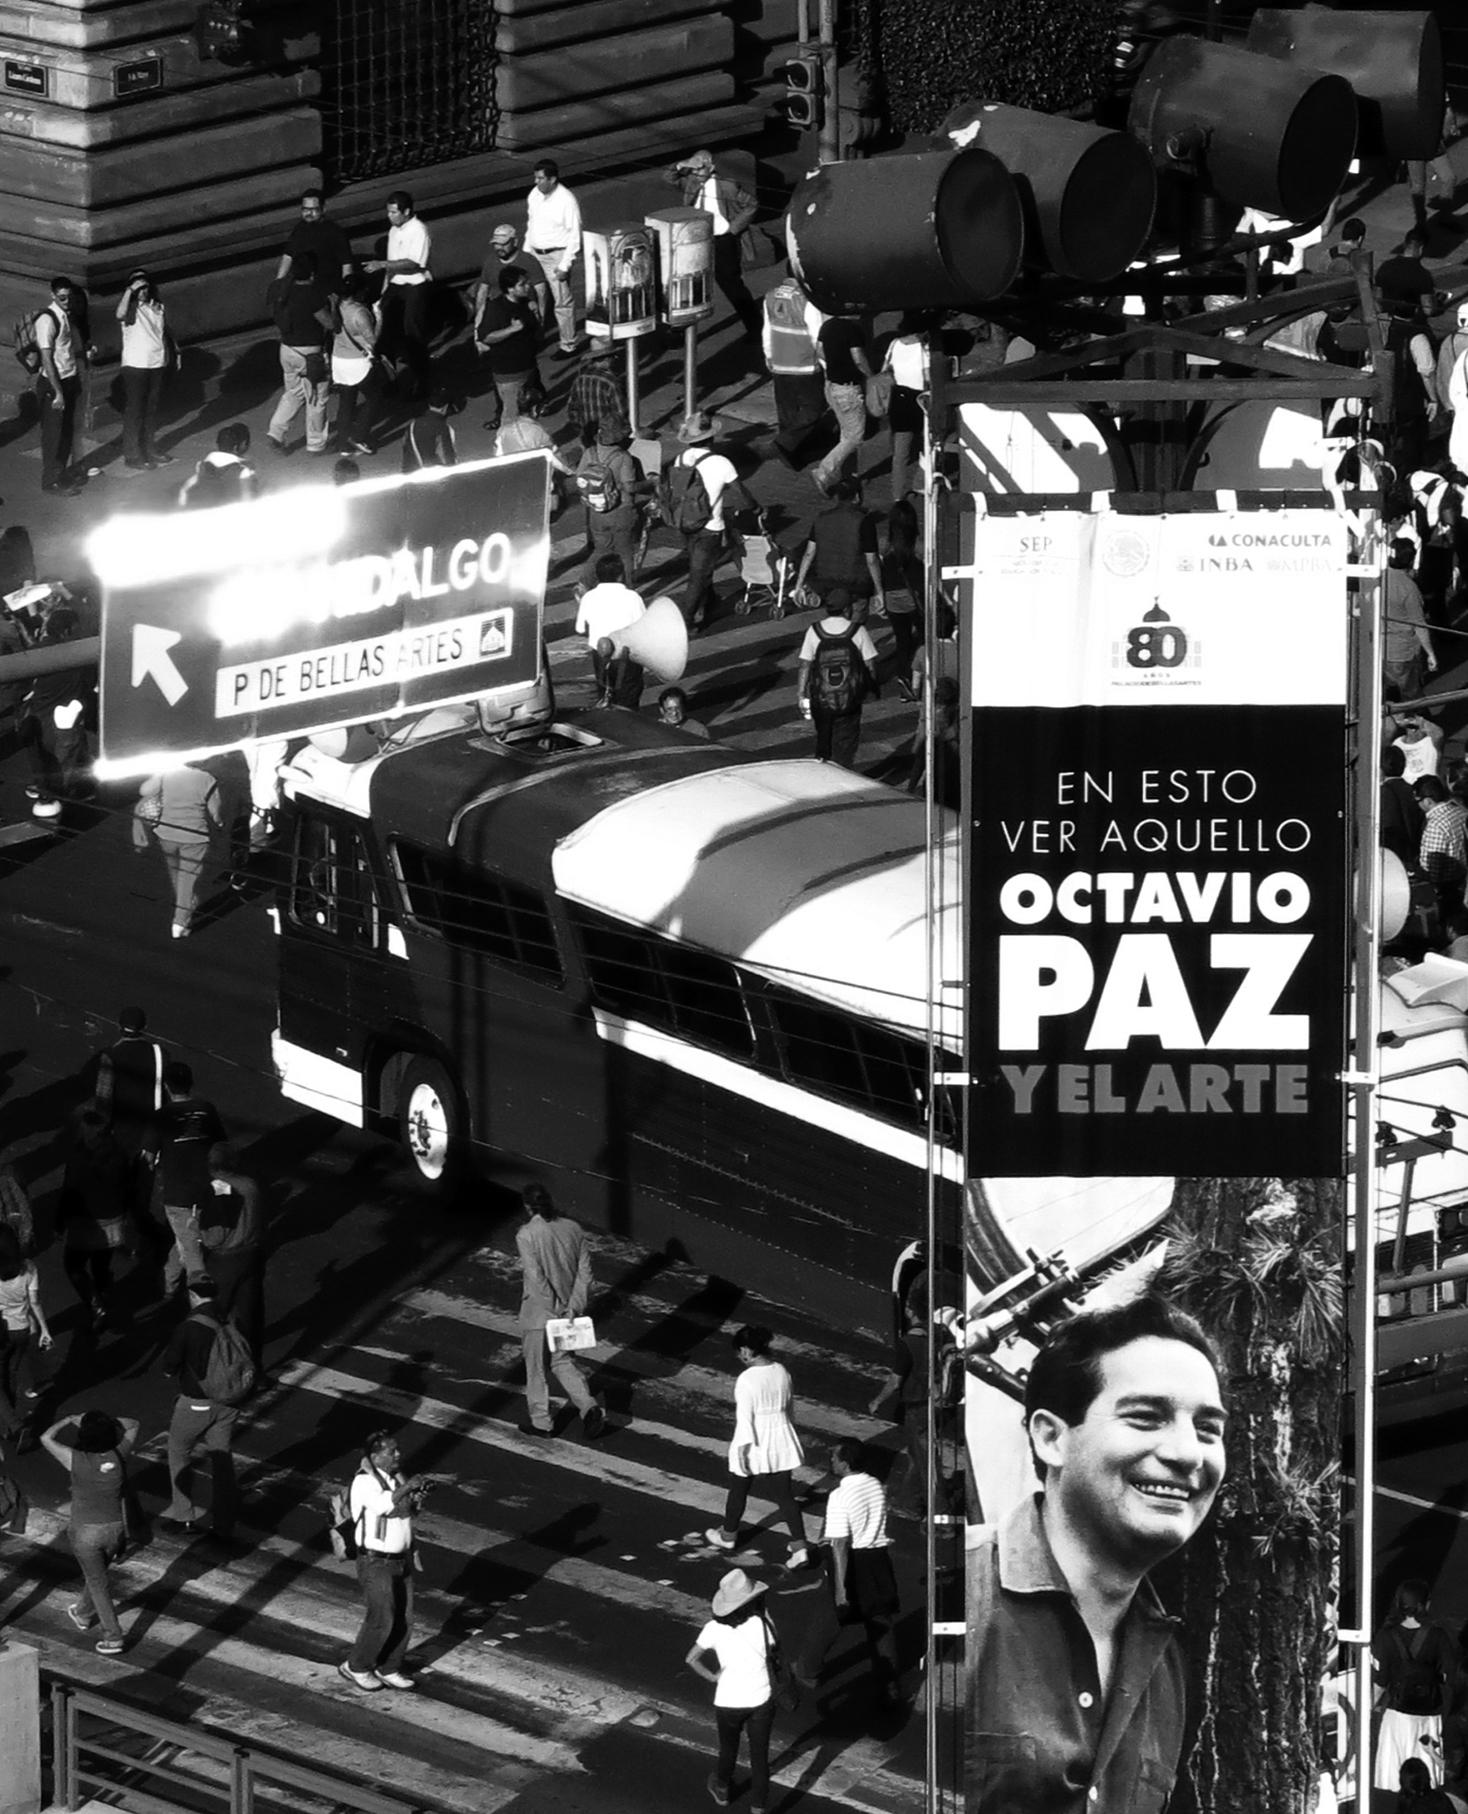 ARTÍCULO 5 Intertextualidades Diaz de leon.jpg